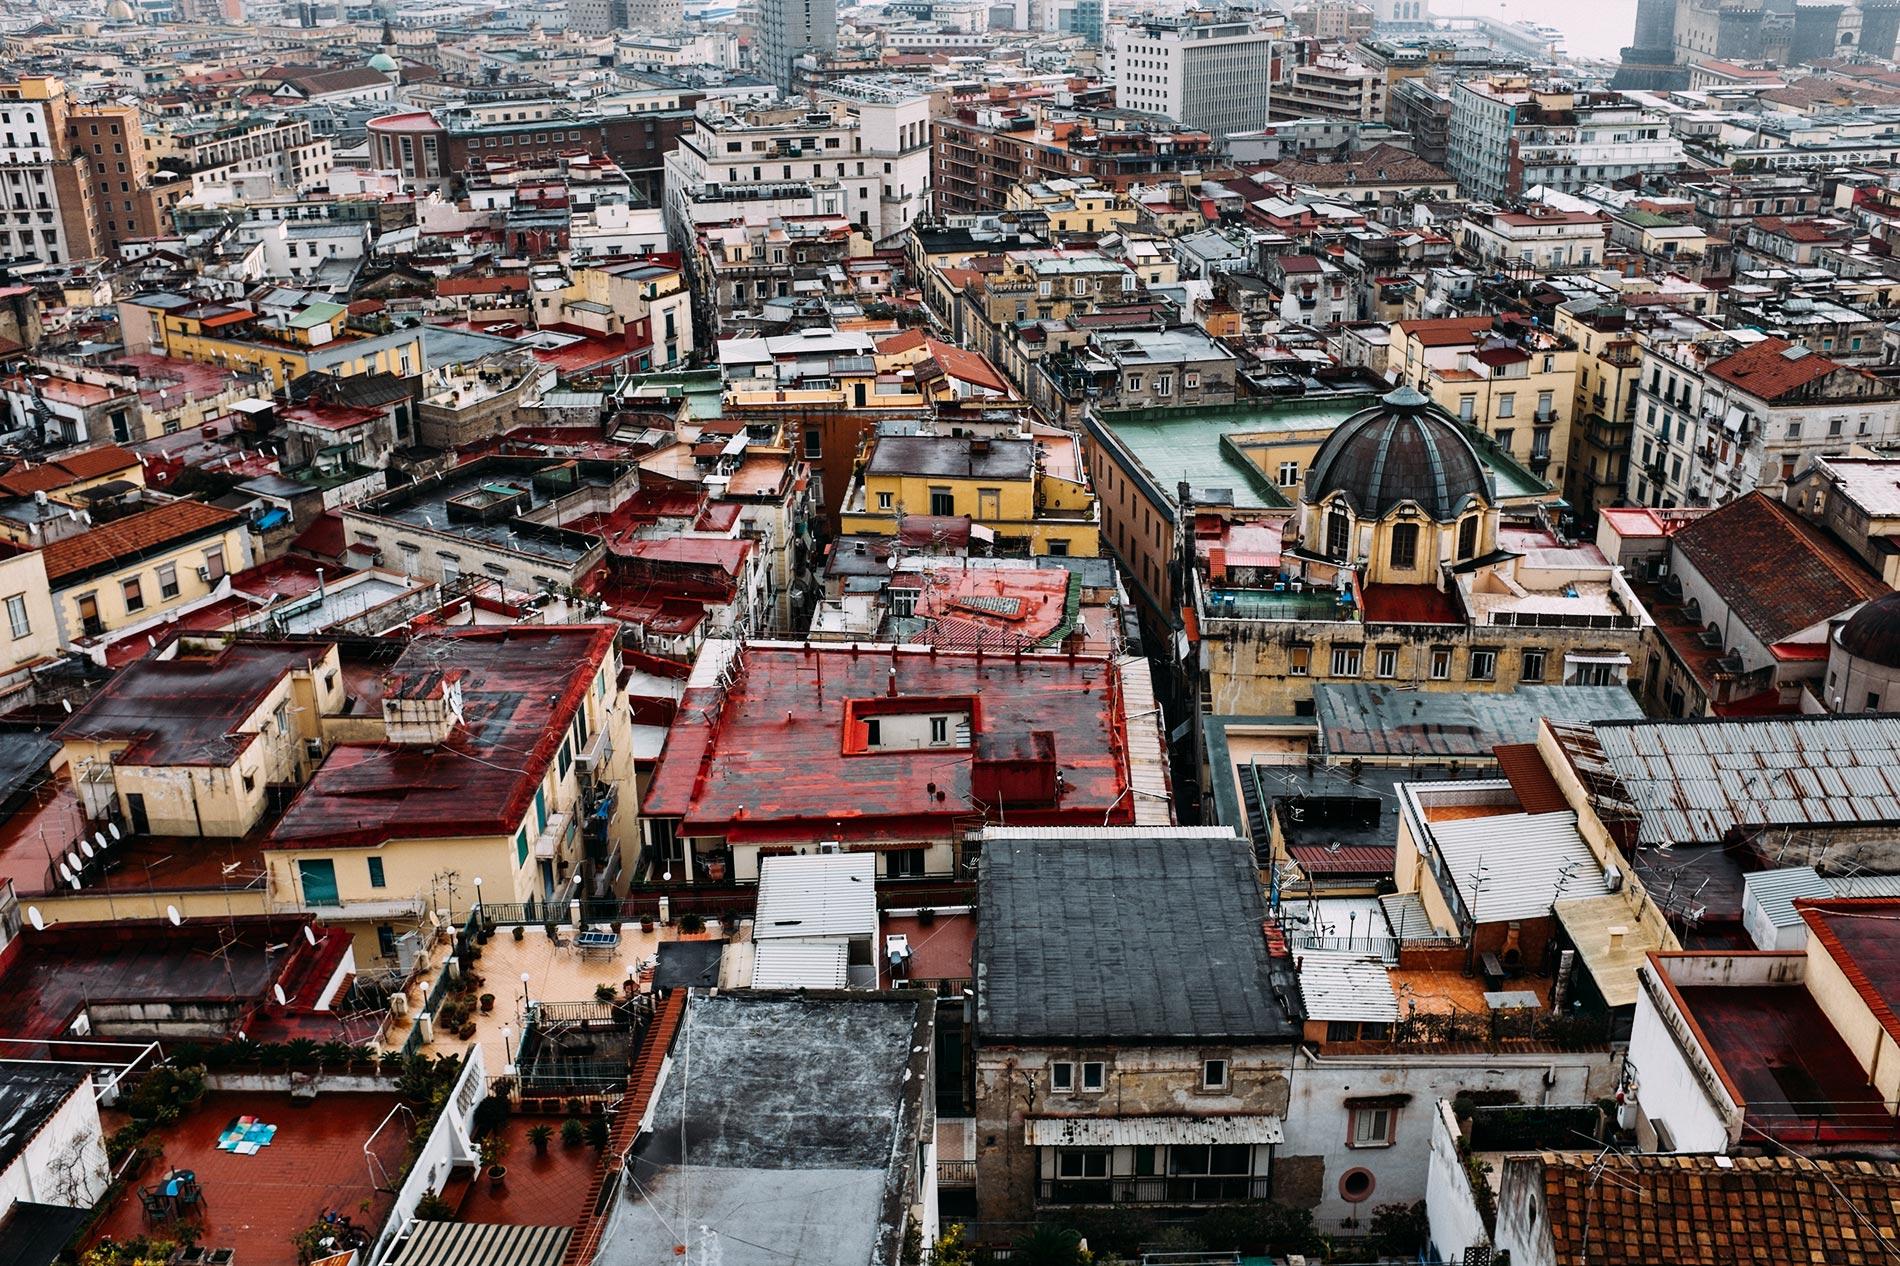 Naples, Italy by Jason Jean